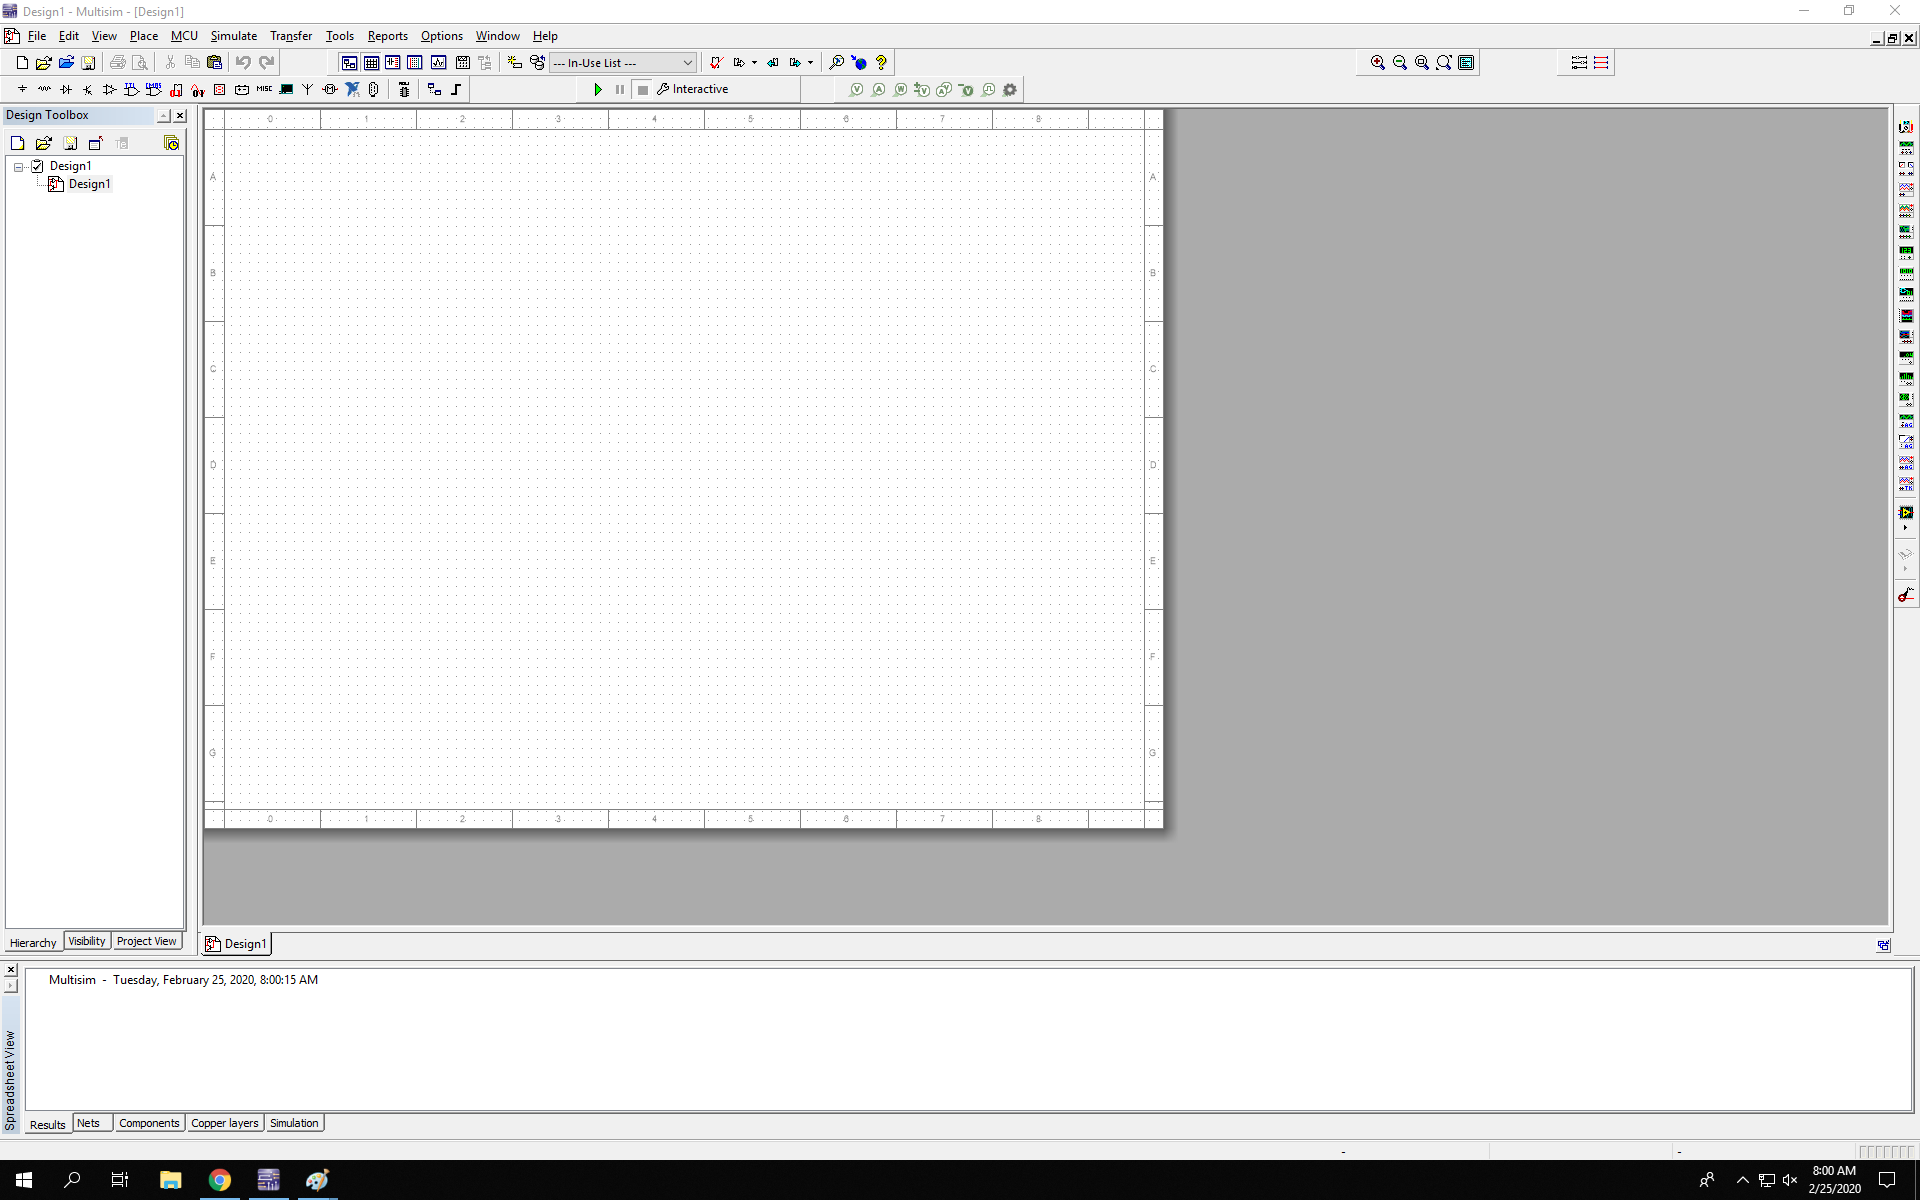 multisim program- open